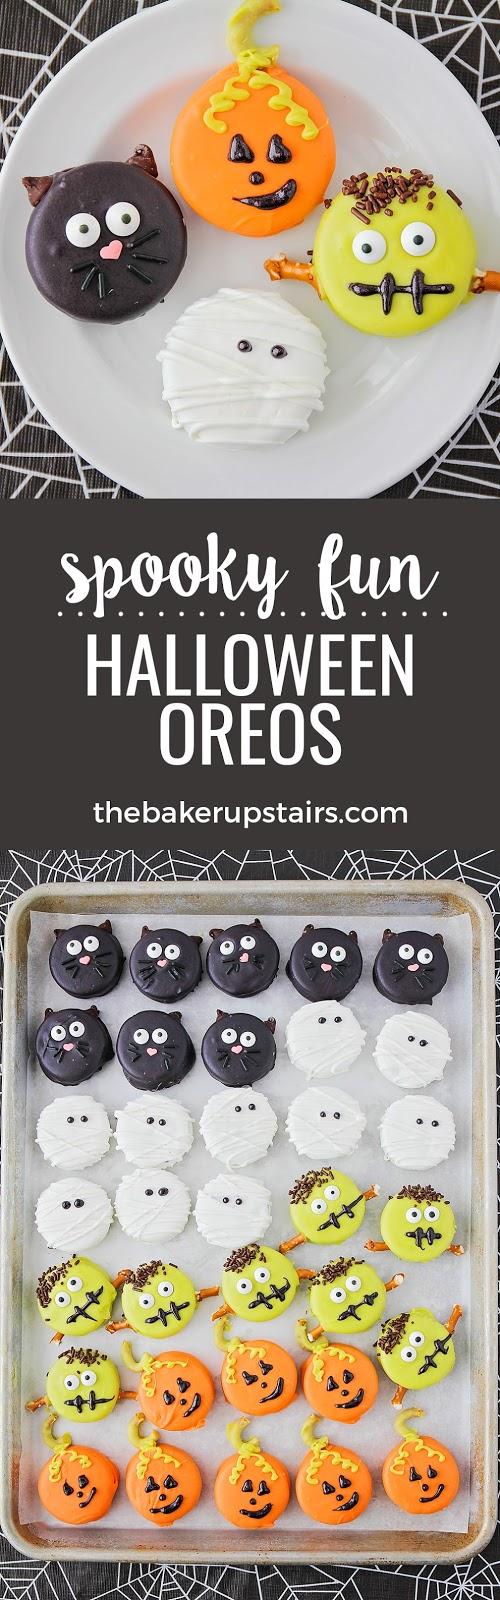 The Baker Upstairs: Halloween Oreos